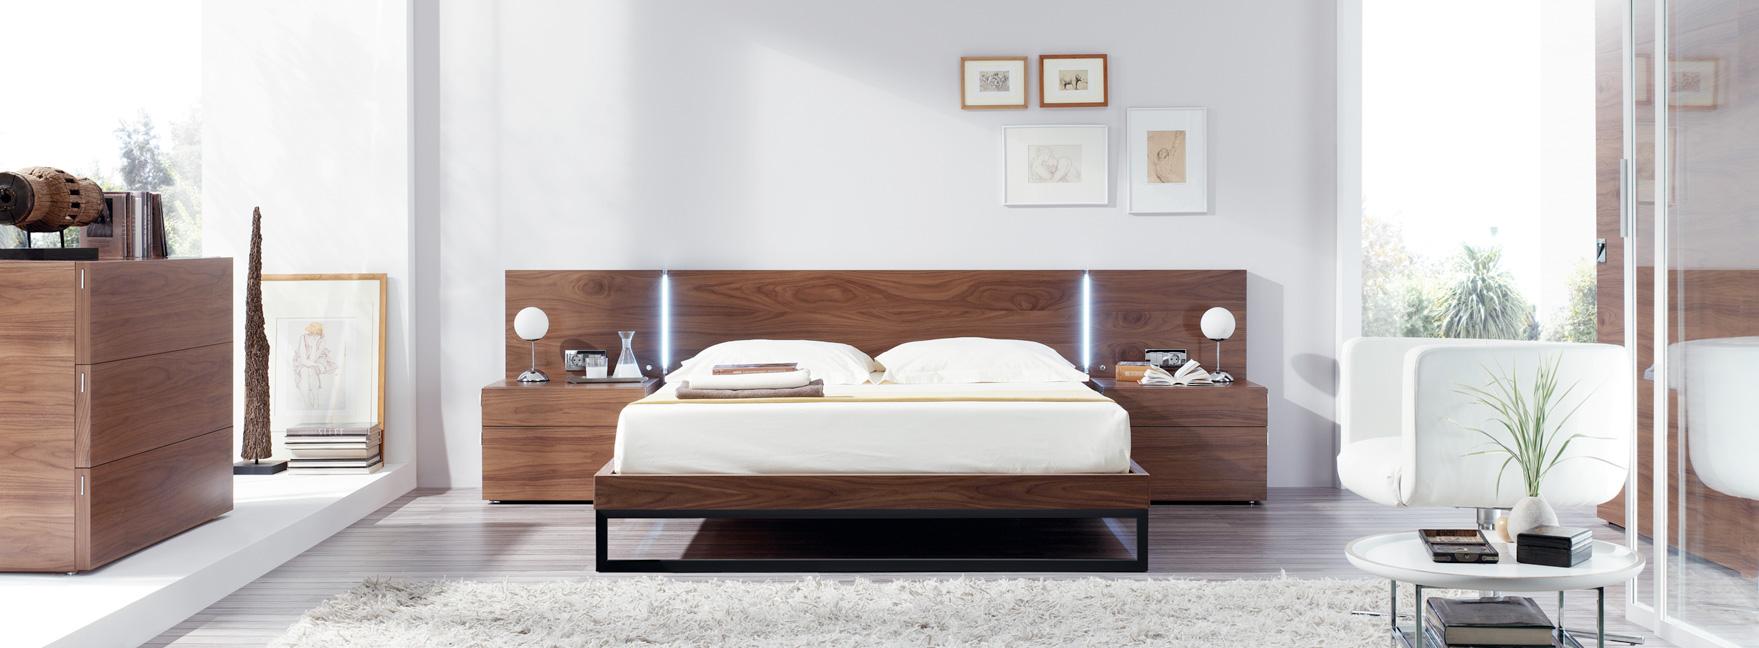 Estilo moderno en decoraci n en sinton a con la vida - Muebles en almedinilla ...